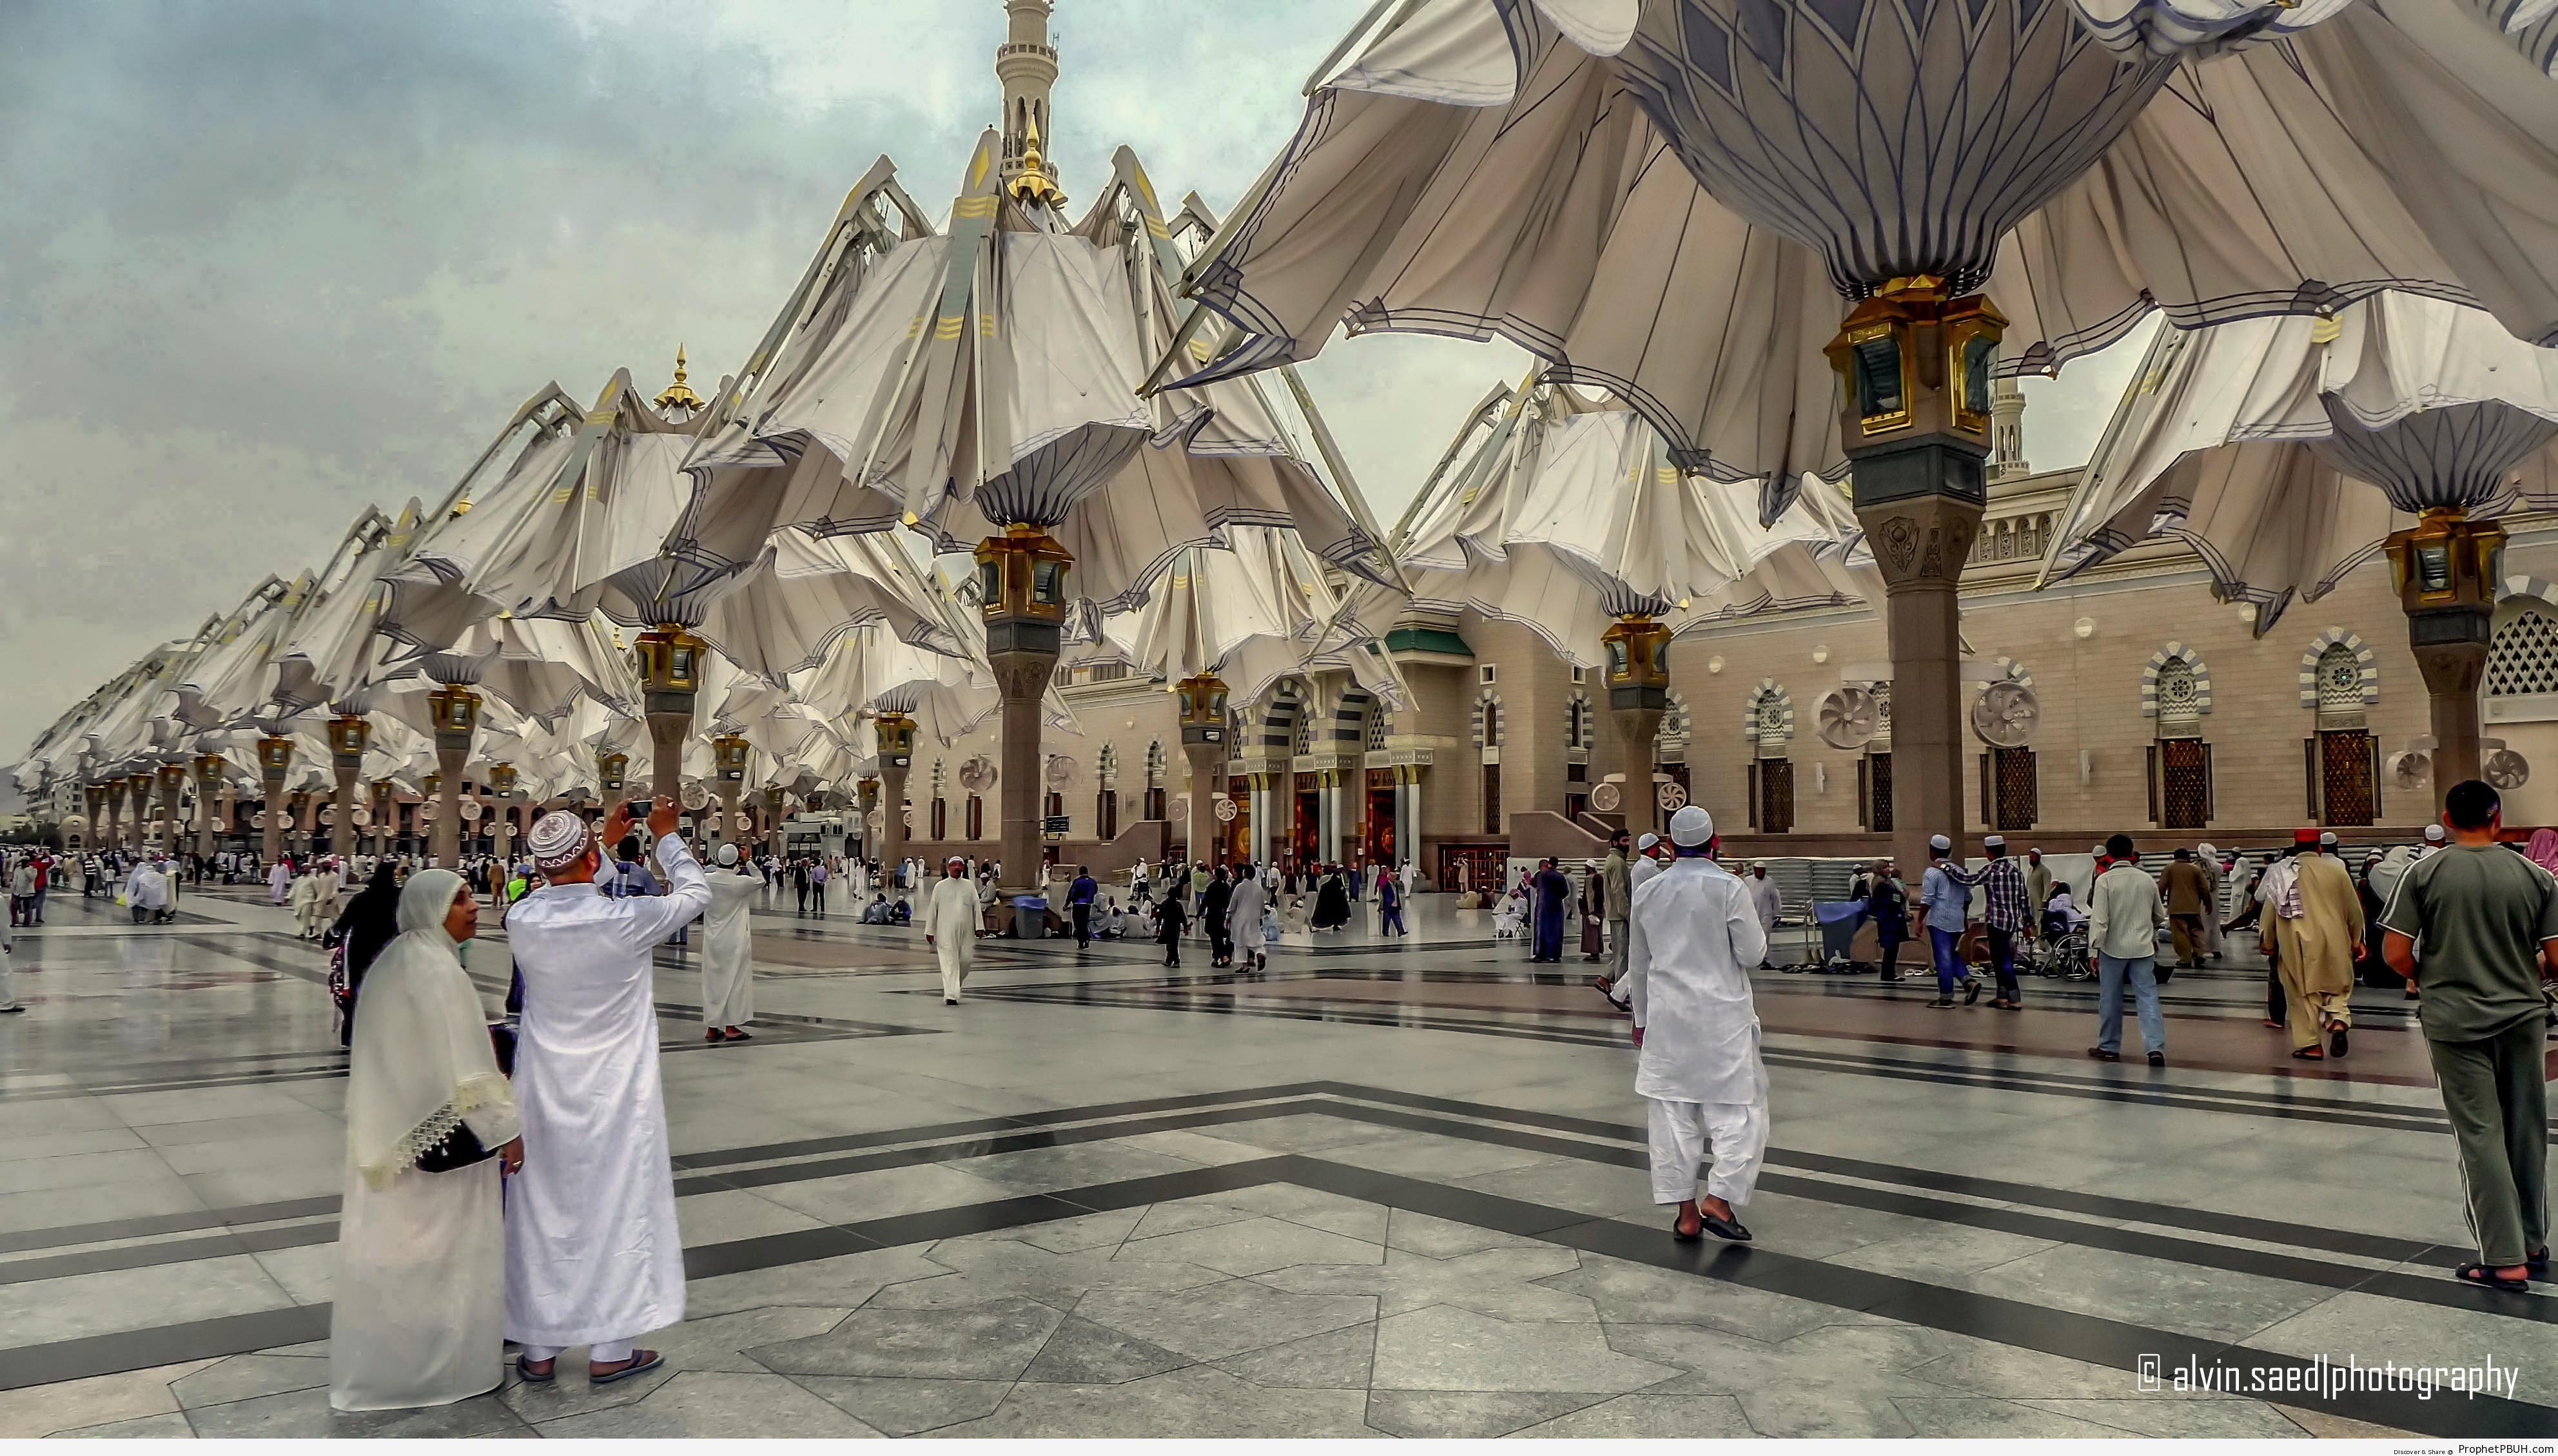 Half-Folded-Shade-Umbrellas-at-the-Prophet-s-Mosque-Madinah-Saudi-Arabia-Al-Masjid-an-Nabawi-The-Prophets-Mosque-in-Madinah-Saudi-Arabia-Picture